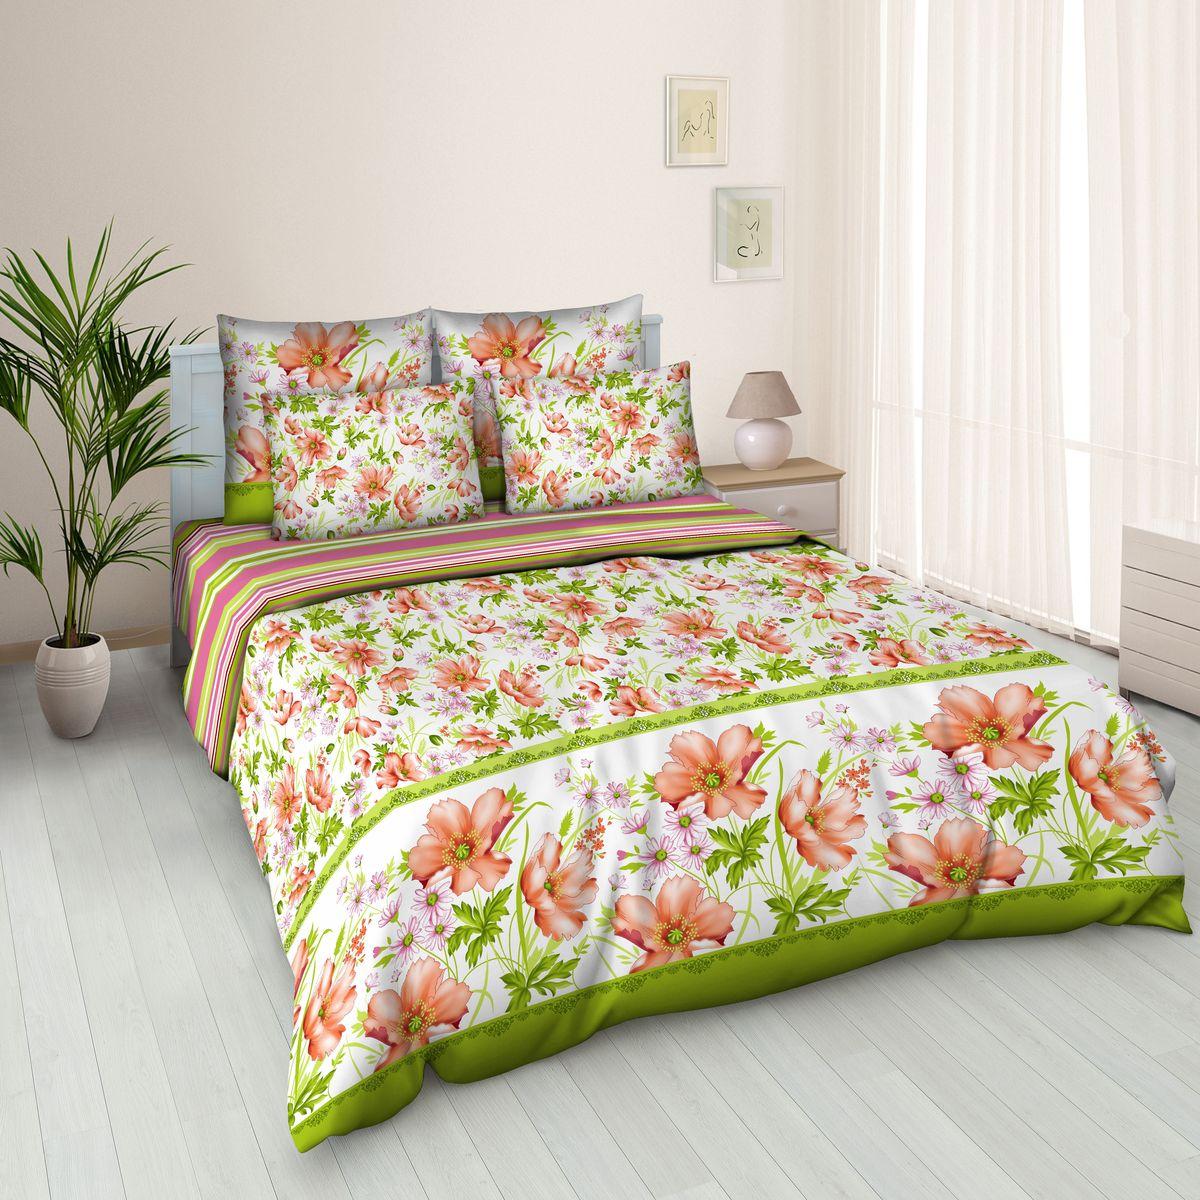 Комплект белья Amore Mio Nikoli, 2-спальный, наволочки 70х7087055Постельное белье из бязи практично и долговечно, а самое главное - это 100% хлопок! Материал великолепно отводит влагу, отлично пропускает воздух, не капризен в уходе, легко стирается и гладится. Новая коллекция Naturel 3-D дизайнов позволит выбрать постельное белье на любой вкус!